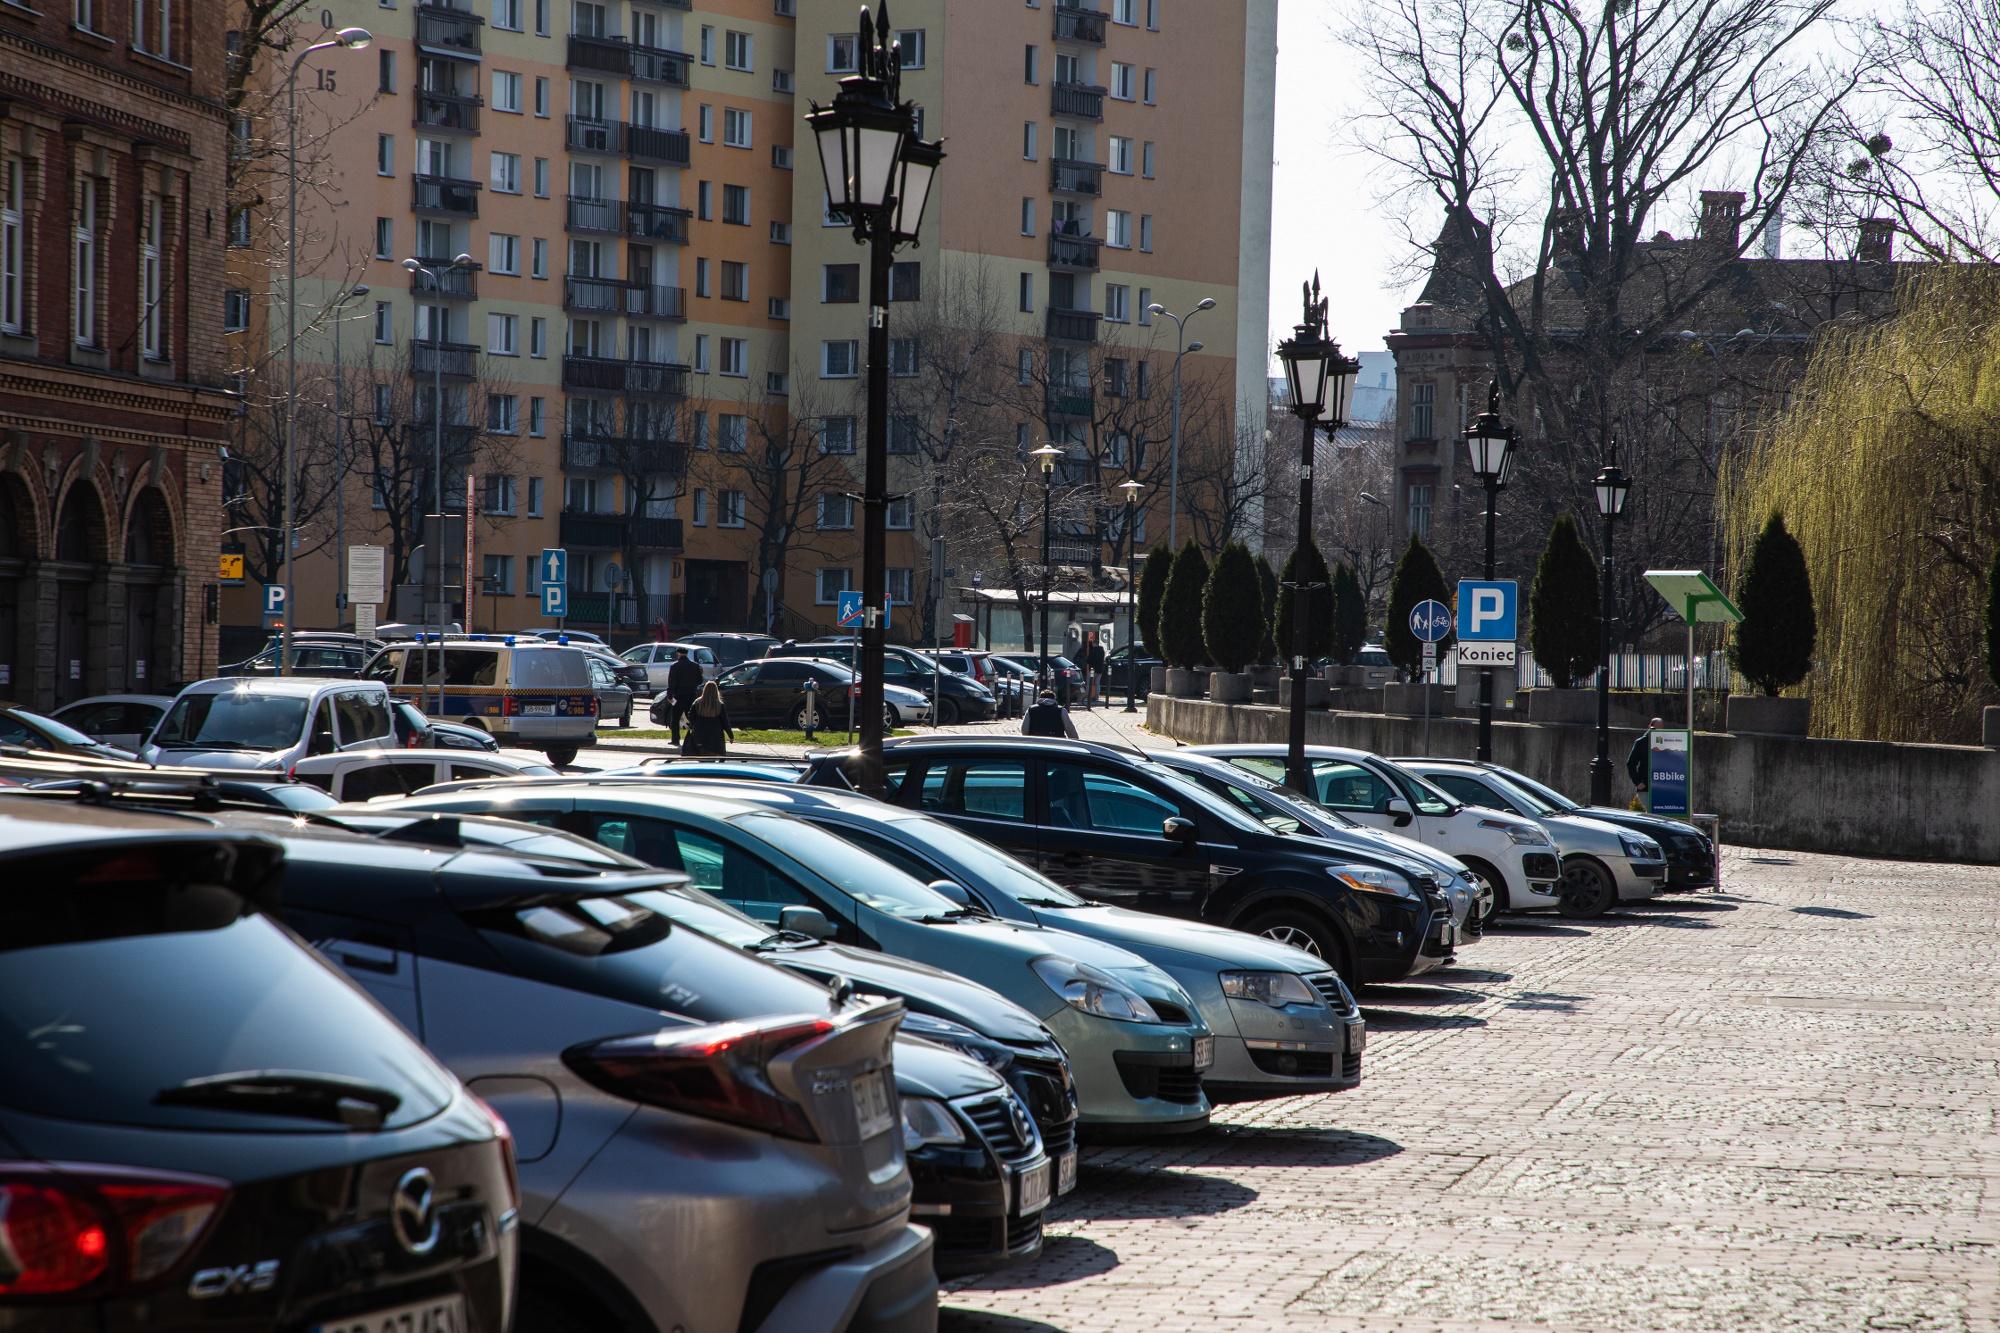 Na niektórych parkingach nie będą pobierane opłaty